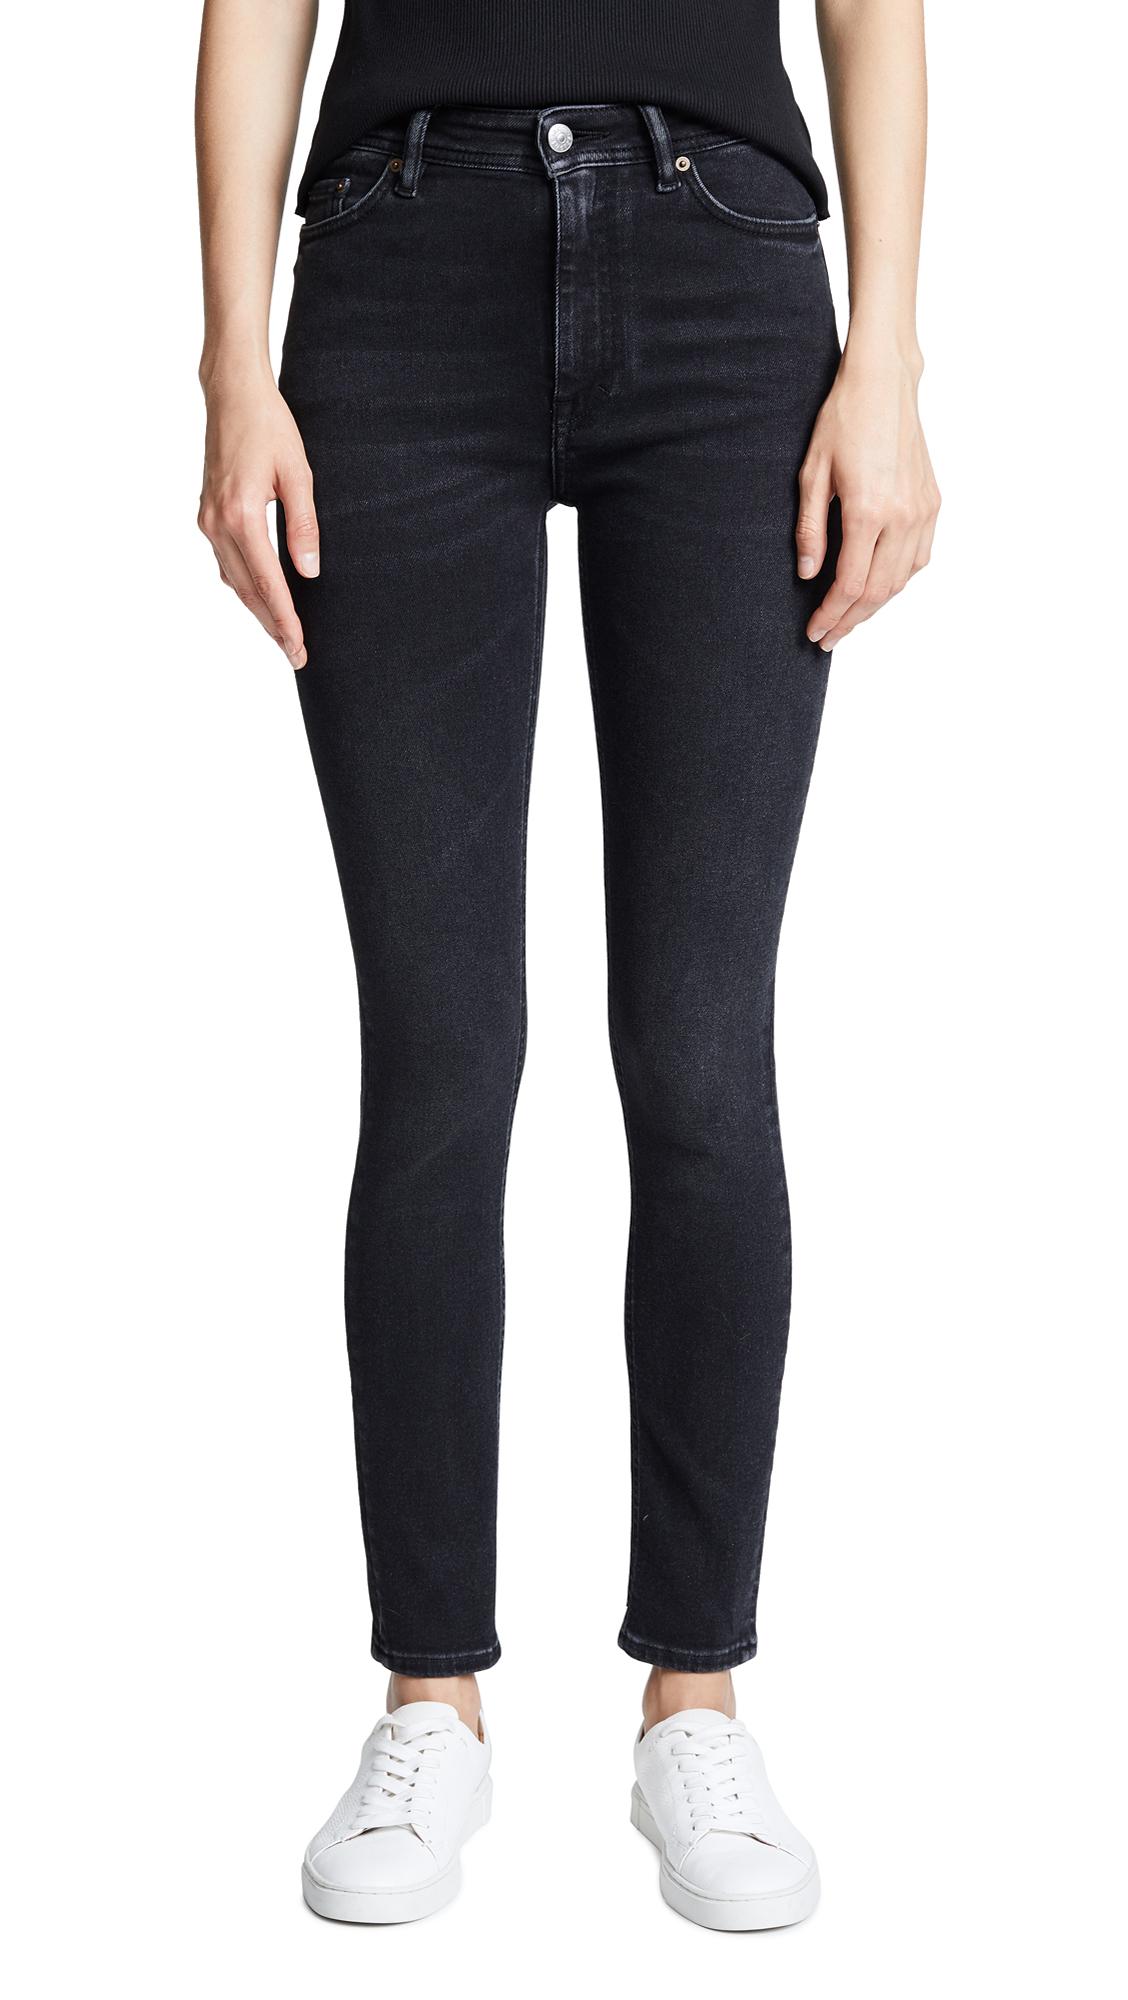 Blå Konst Peg High-Rise Skinny Jeans in Used Black